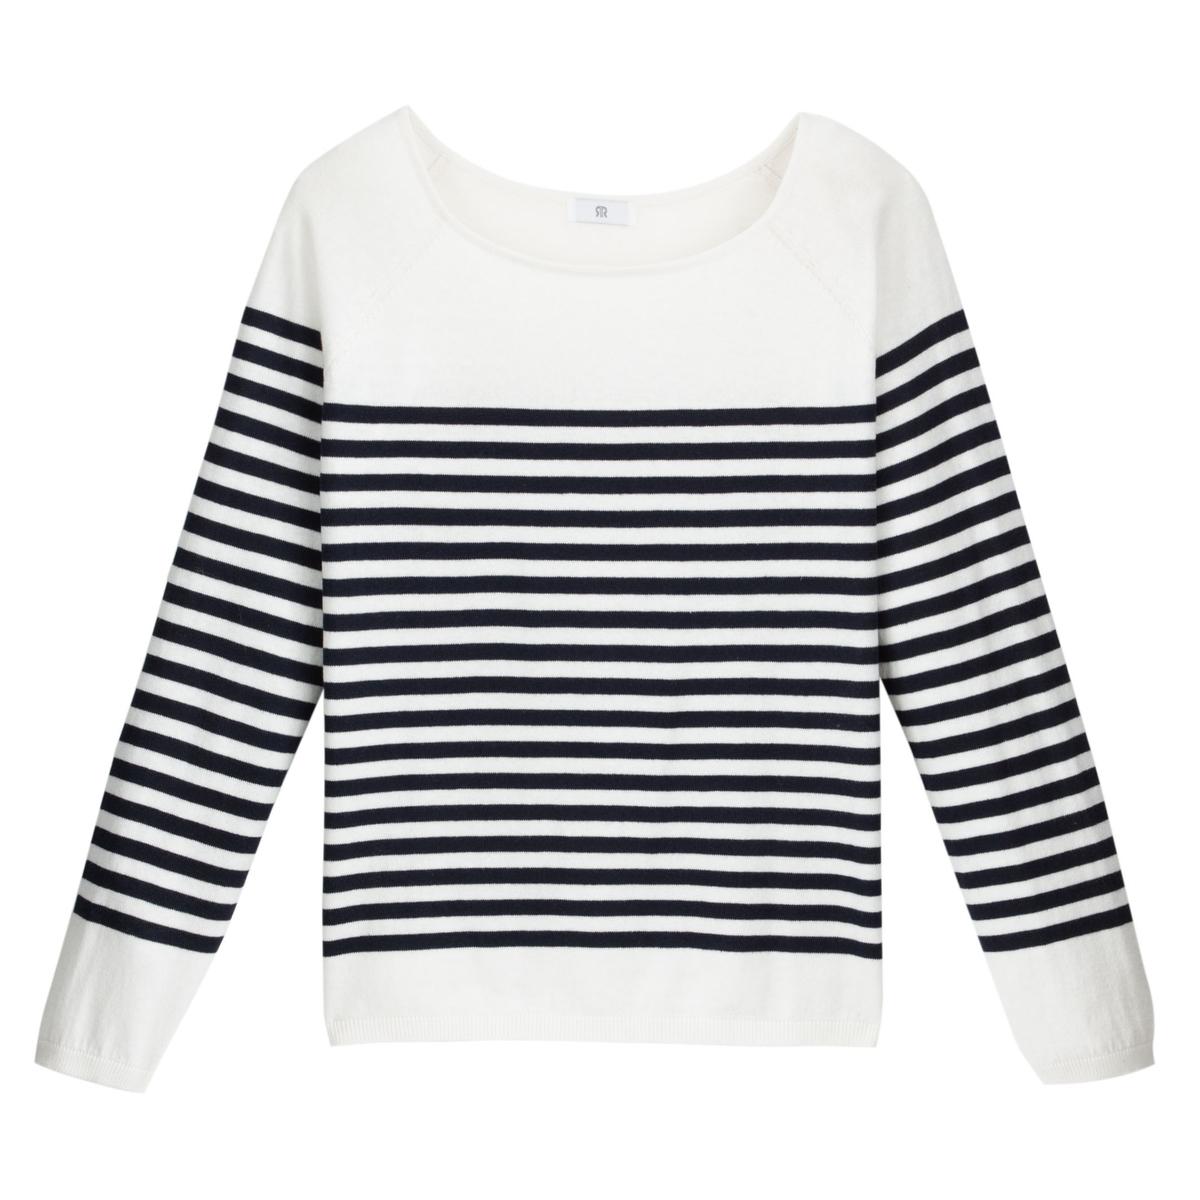 Jersey de estilo marinero de punto fino de algodón mezclado